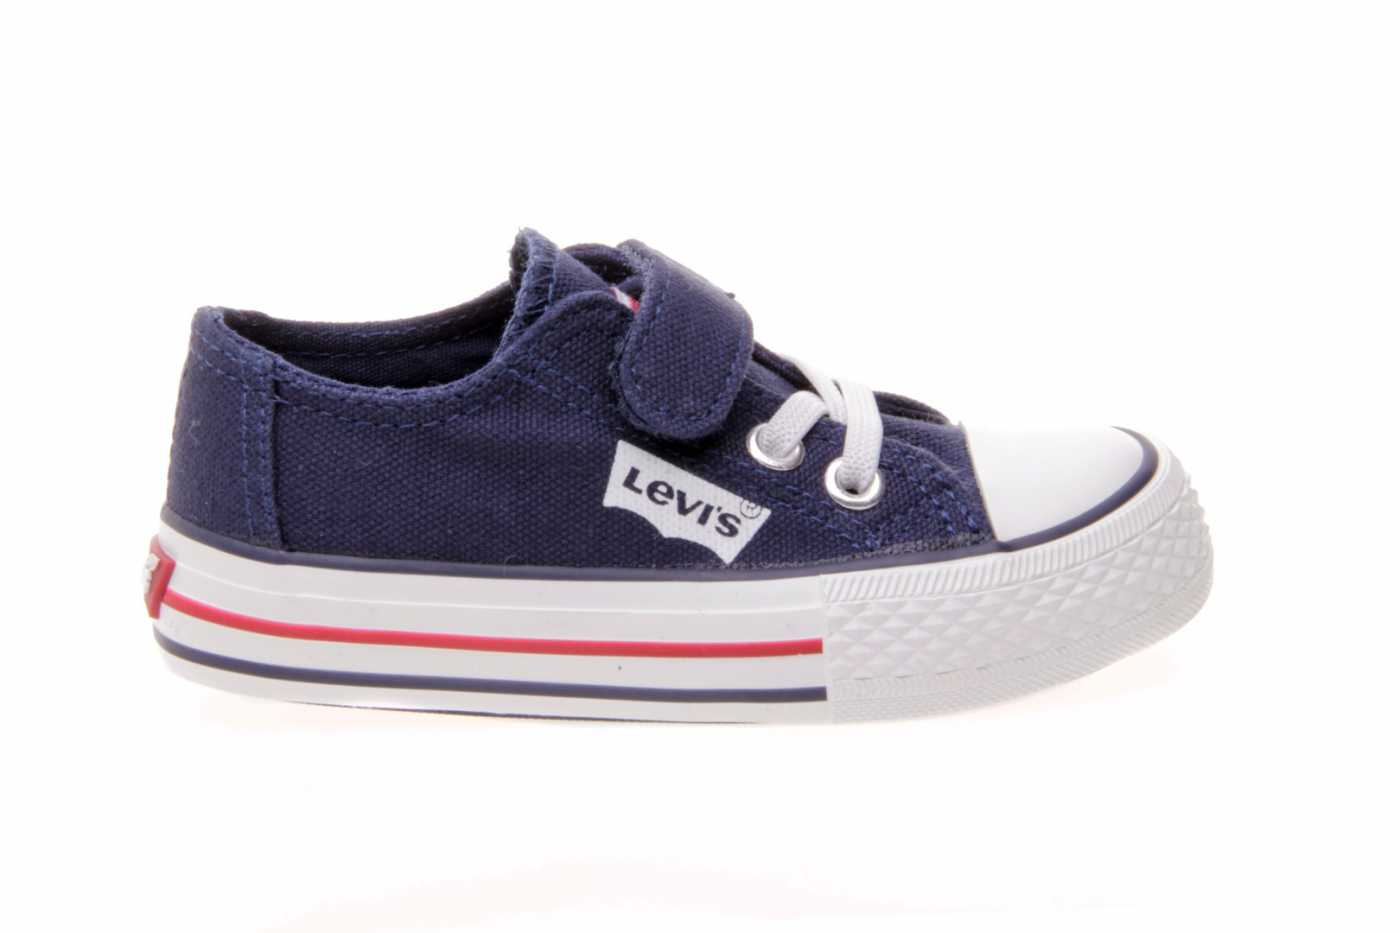 7b8db4d63 Comprar zapato tipo JOVEN NIÑO estilo LONA COLOR AZUL LONA ...